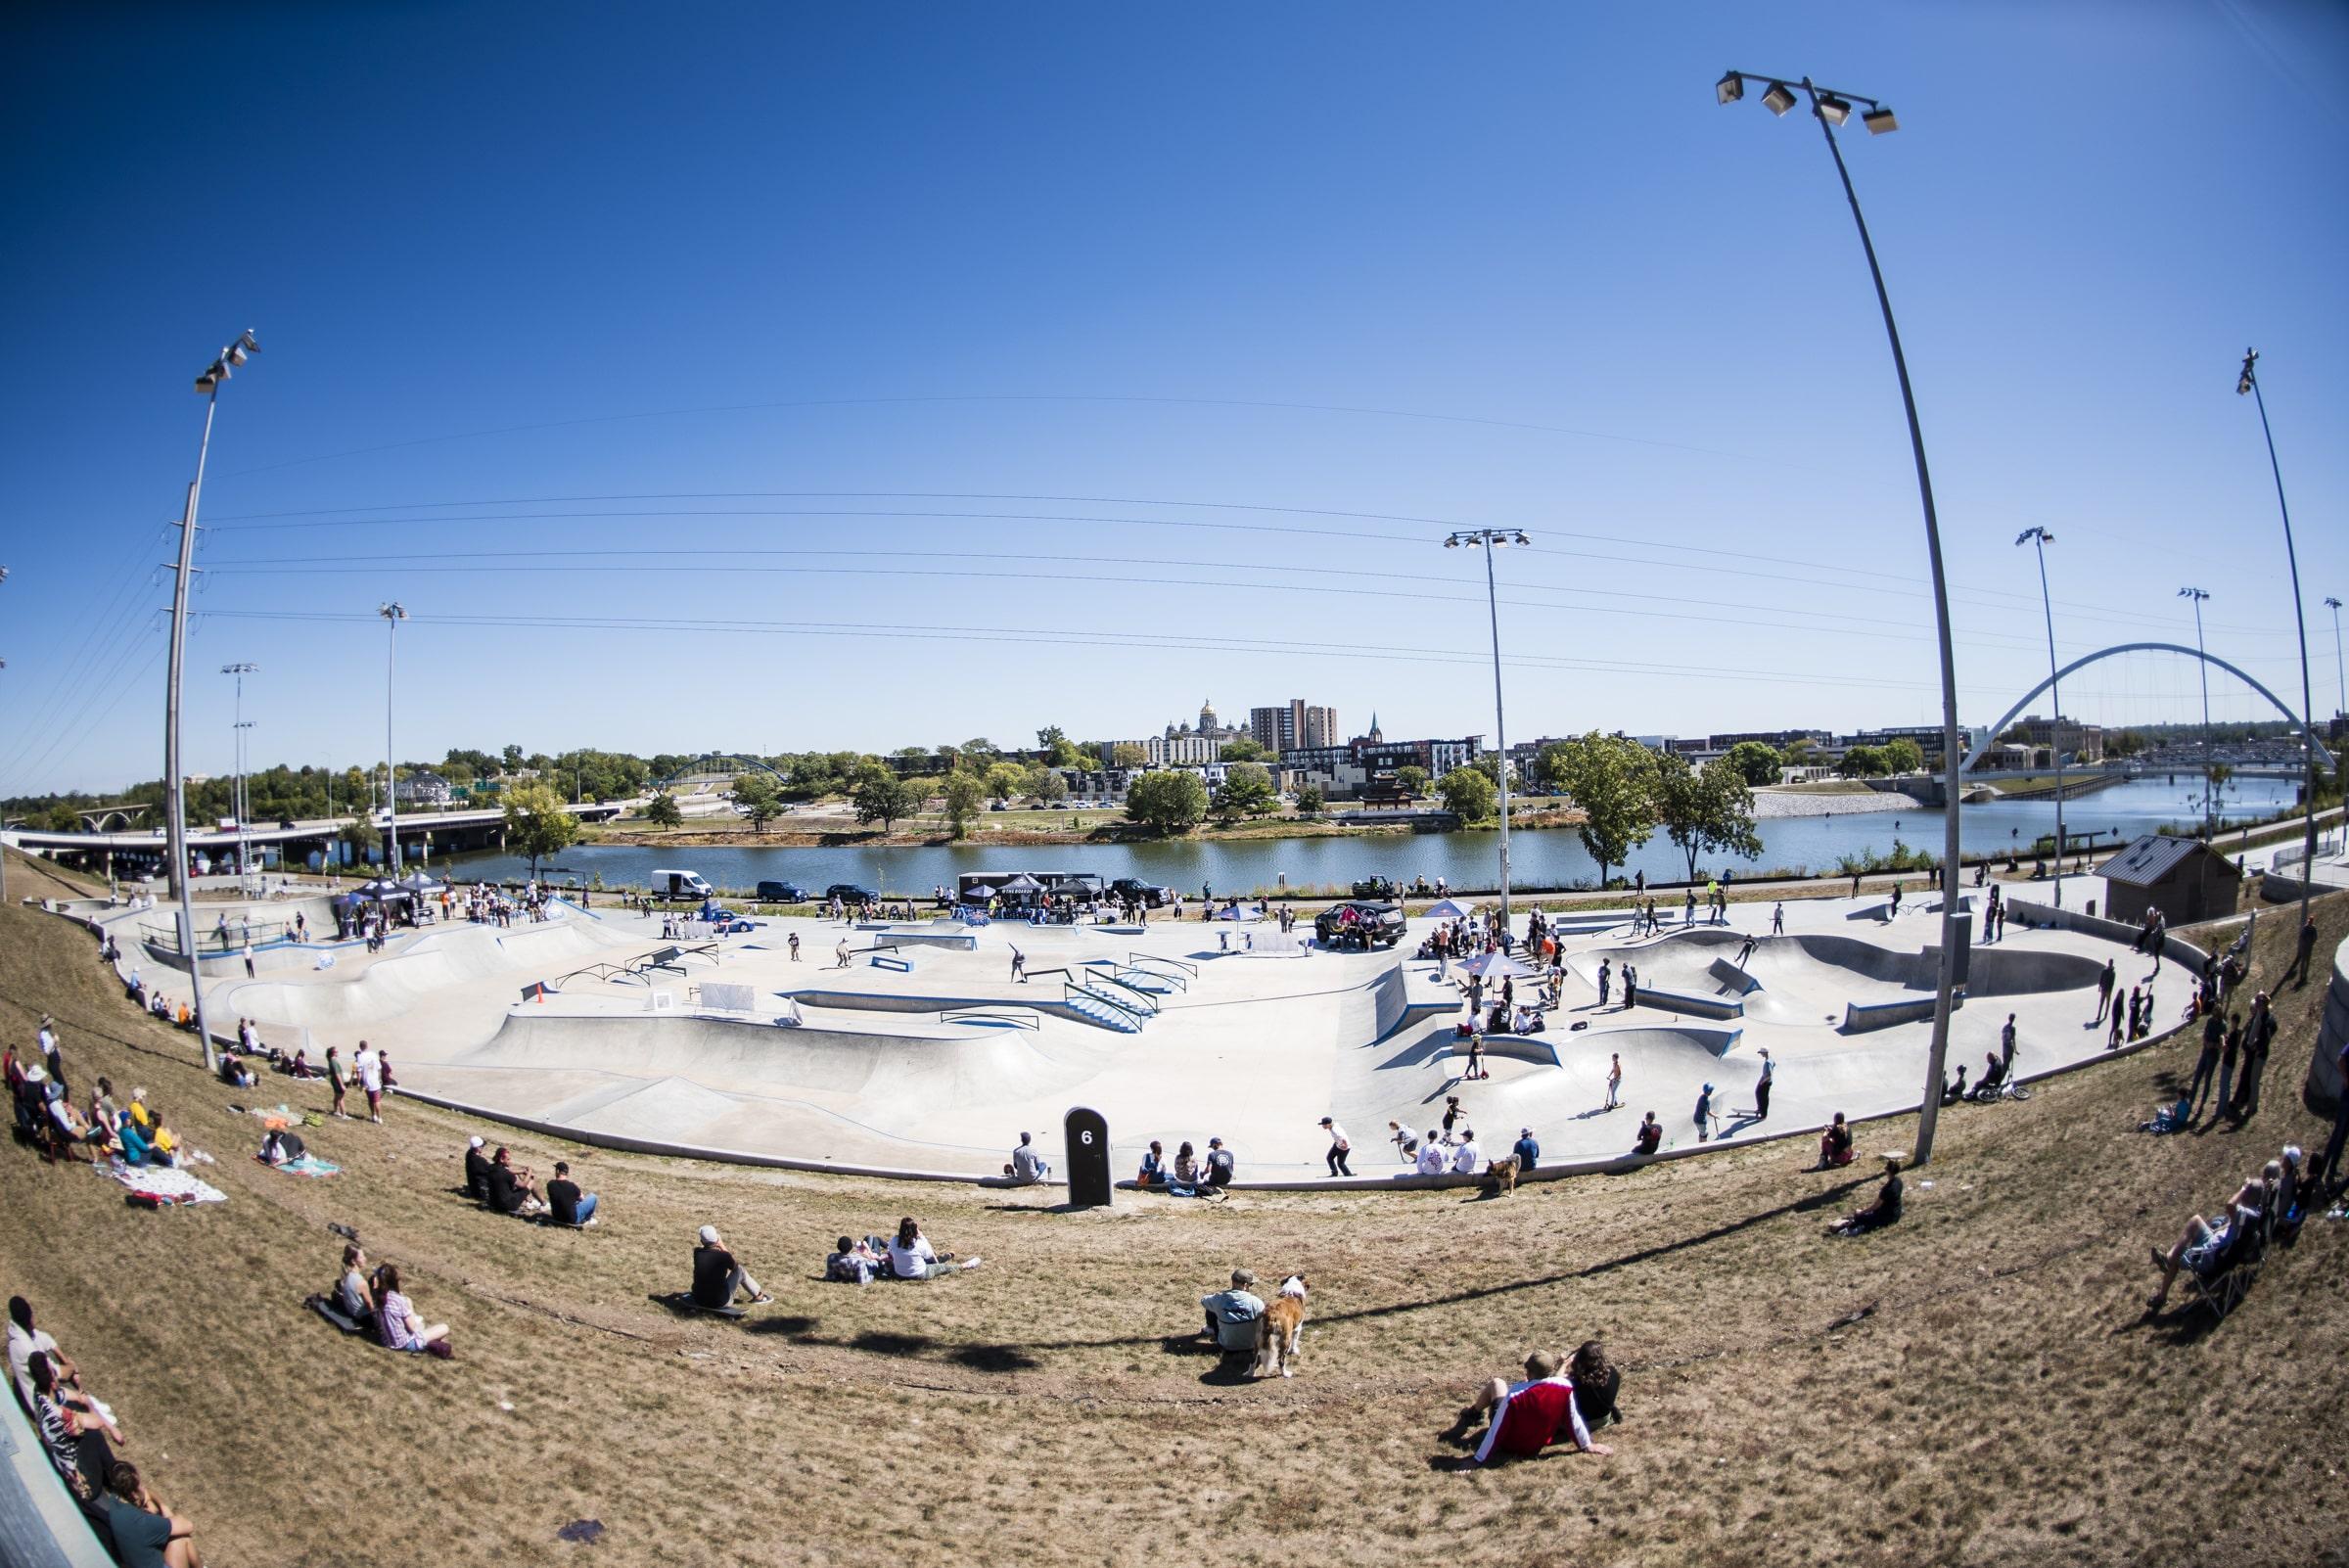 Des Moines Streetstyle Open 2021 - Skatepark